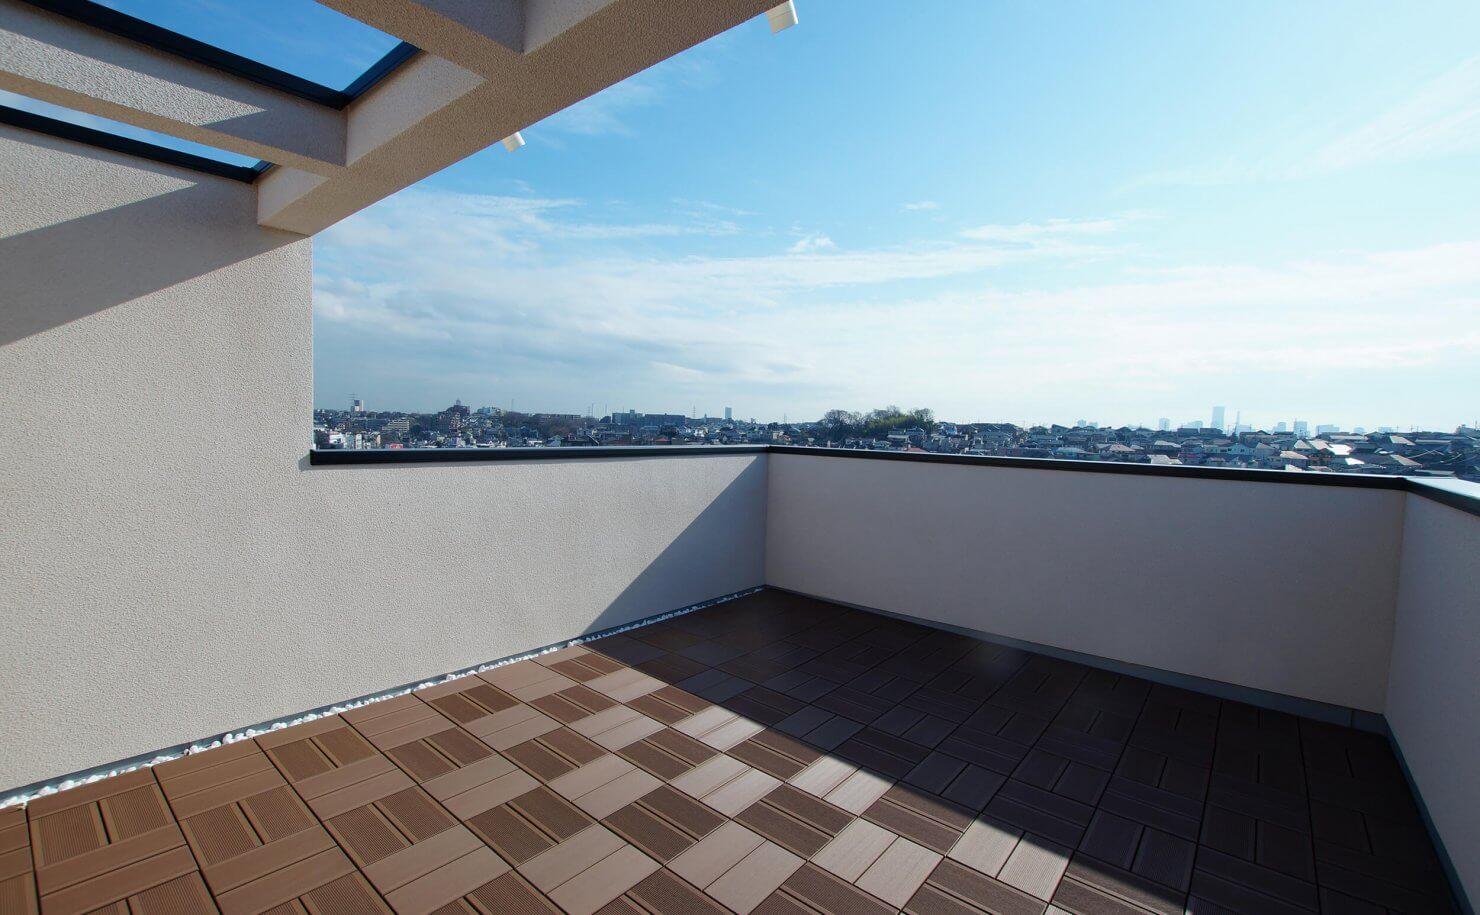 横浜市港北区篠原北2丁目プロジェクト 2Fからの眺め